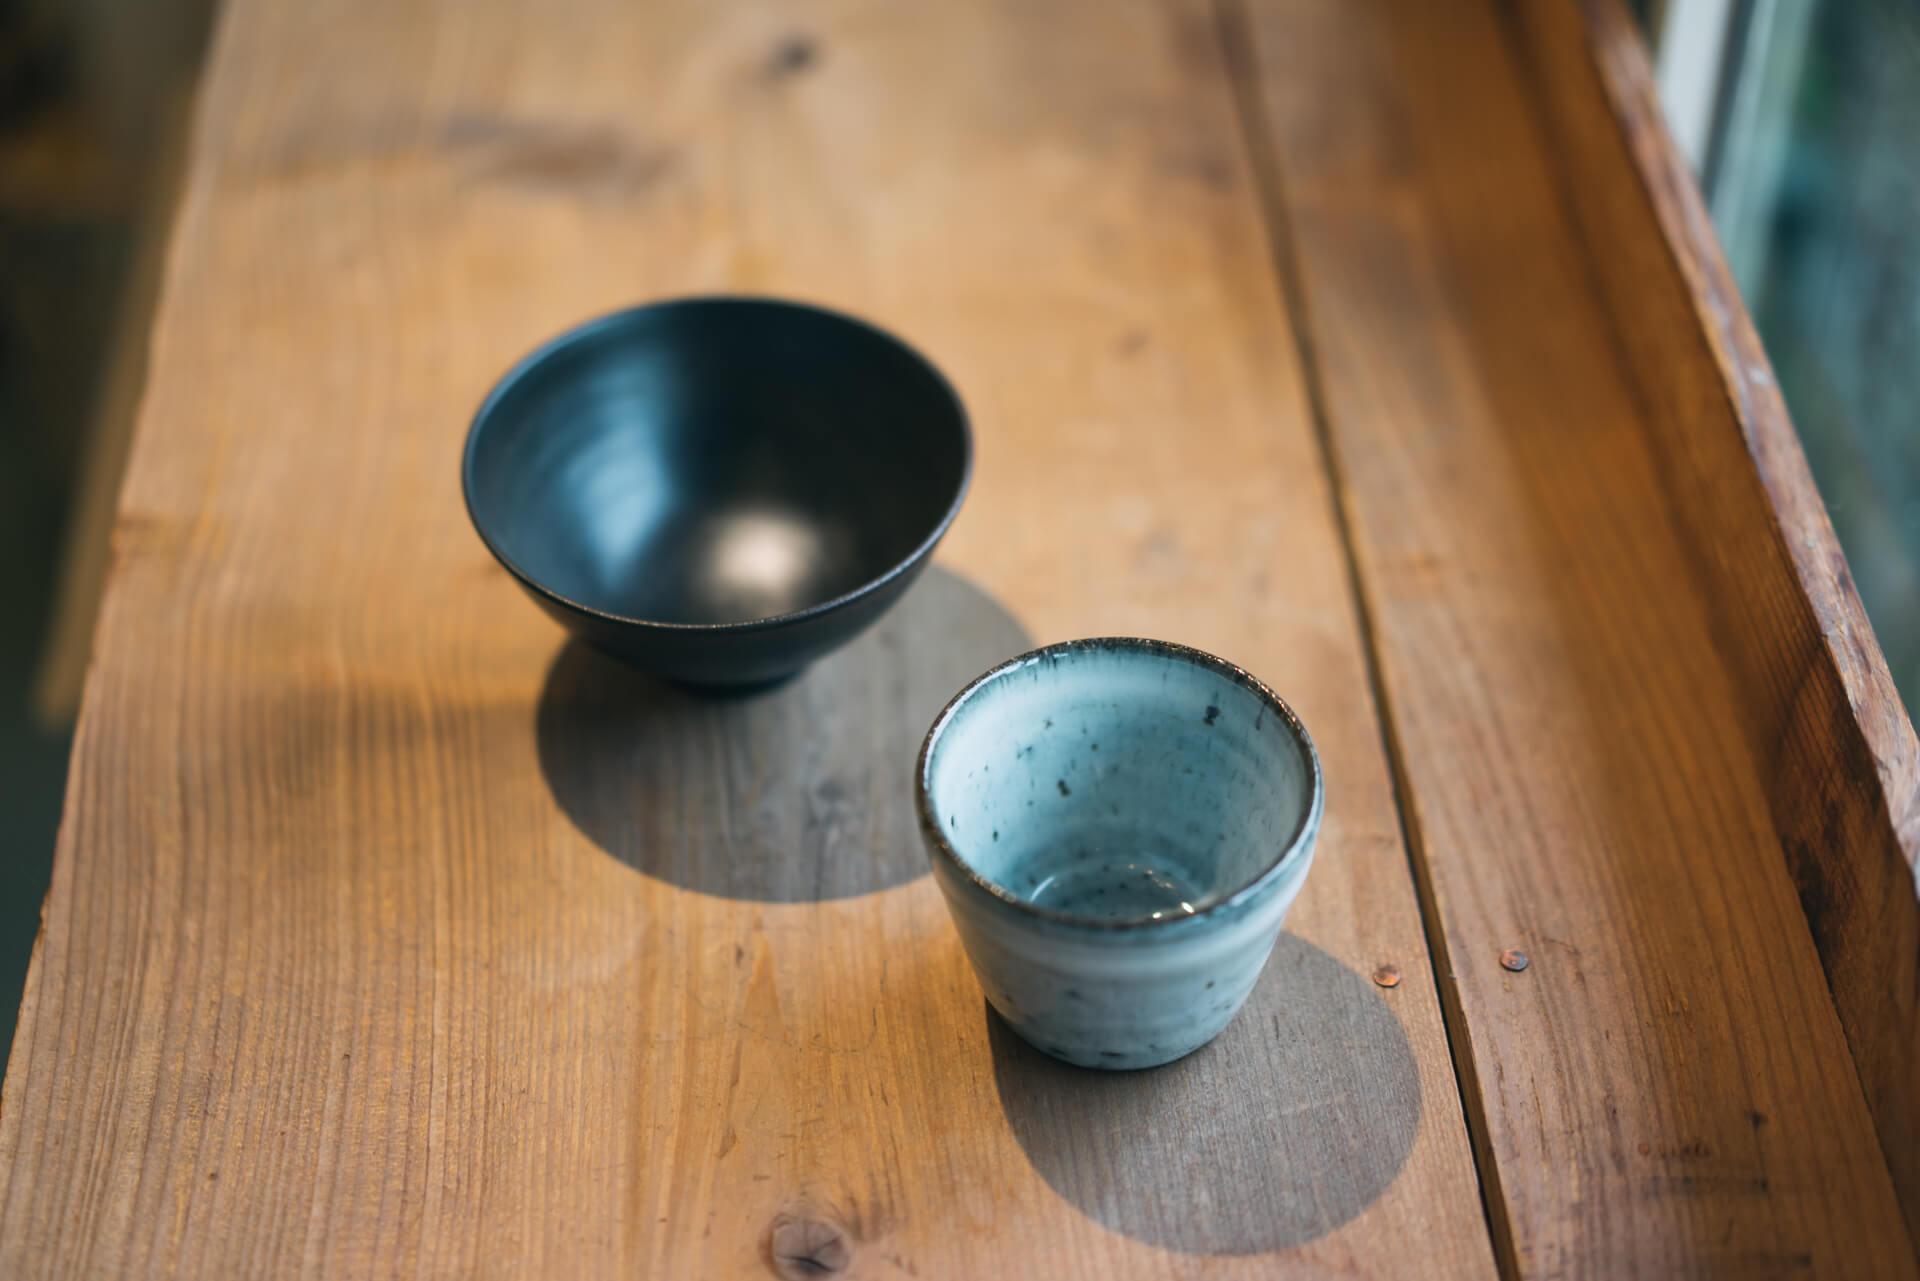 めし碗には、少しこだわったものを。小坂明(こさかあきら)さんの黒いめし碗(左)は、均一な厚みになるよう丹念に削り、漆を何度も塗り重ねながら焼き付けるなど、非常に凝った製法で作られるとっておきの逸品。